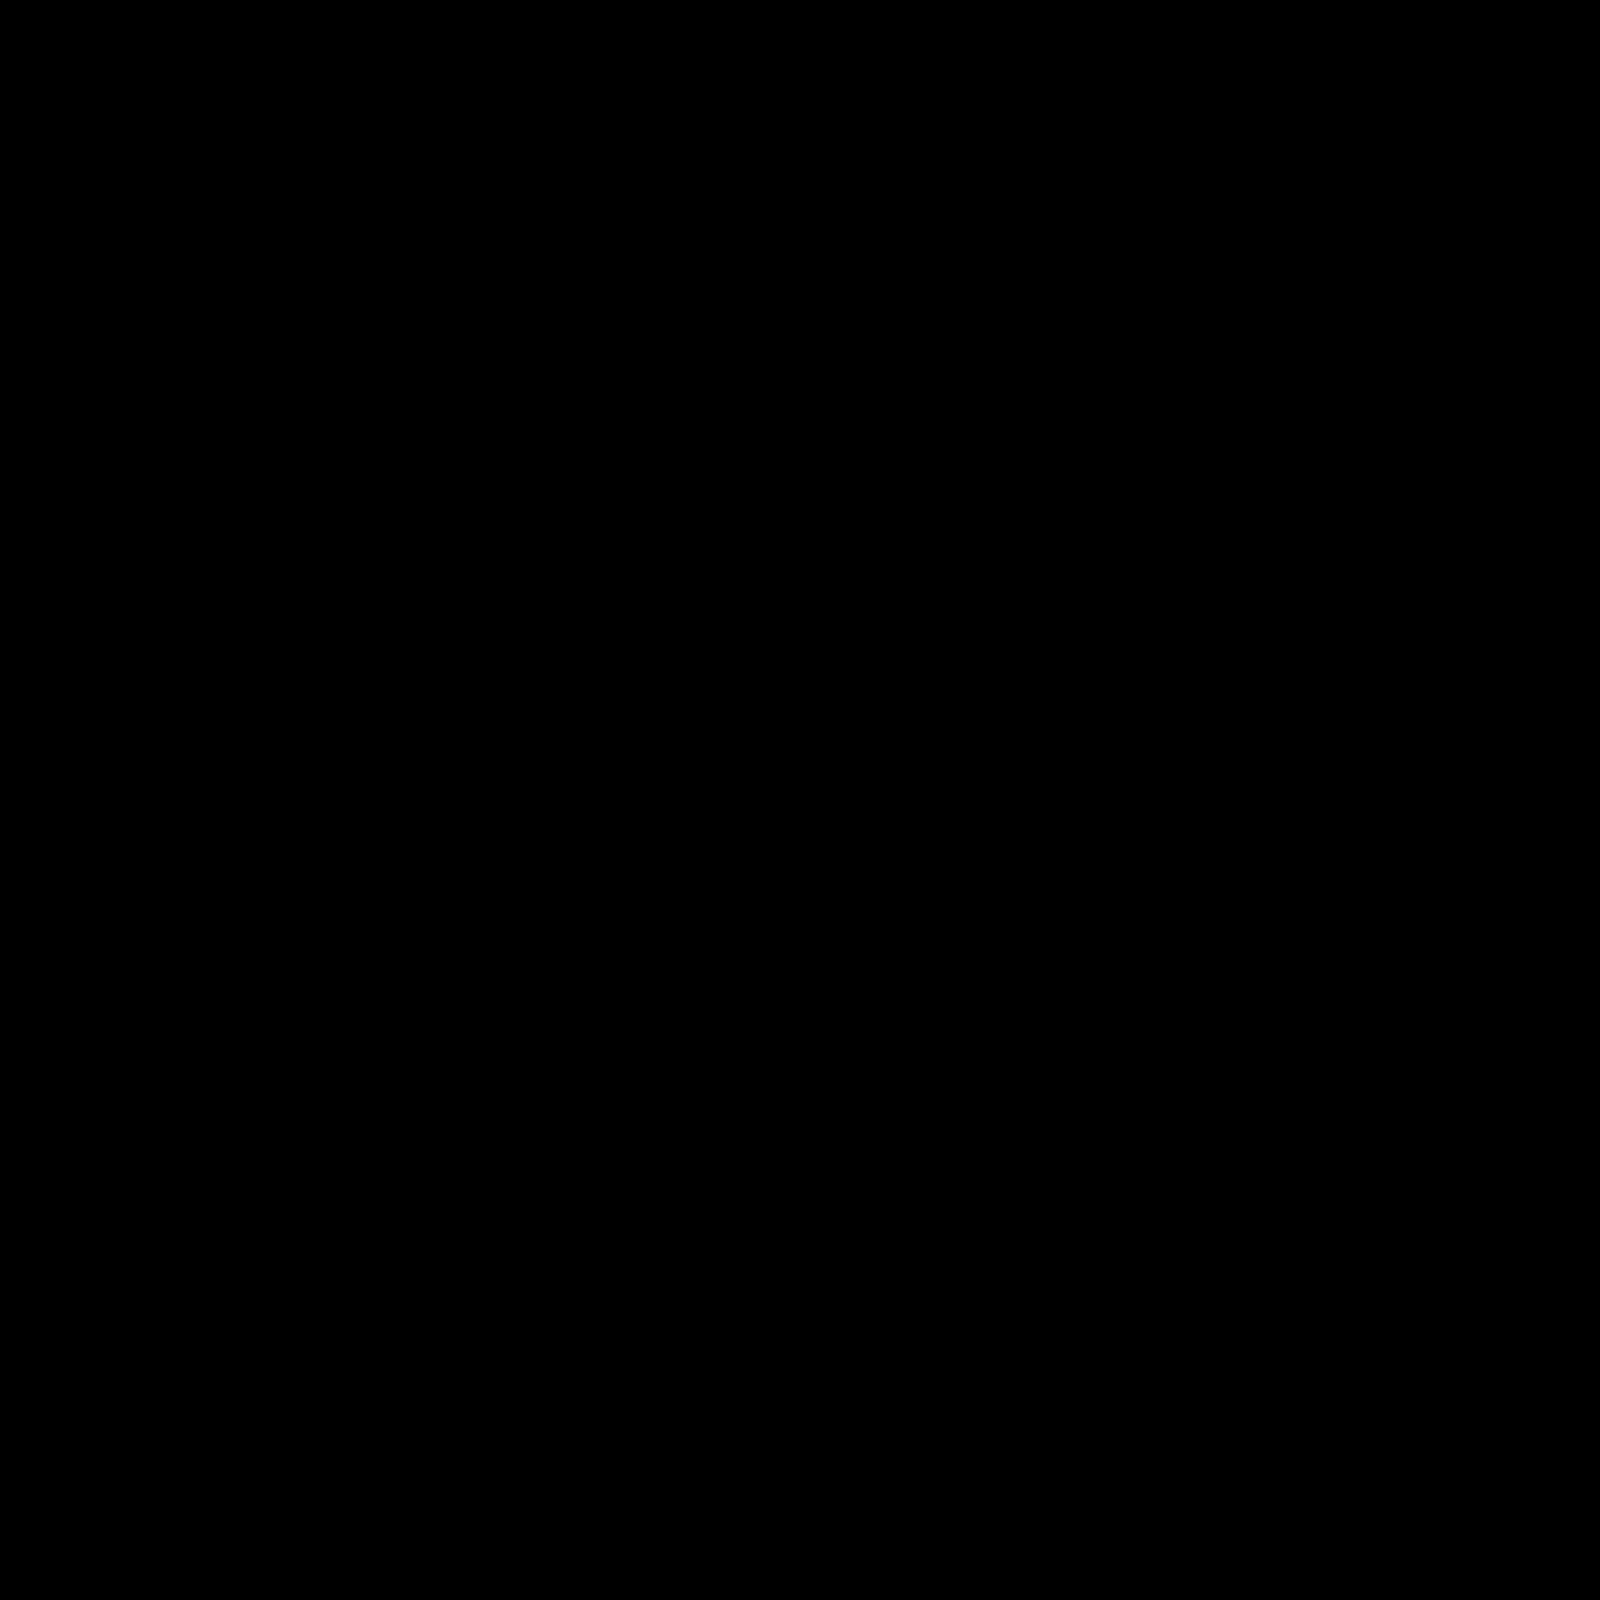 Tarcza z dziurką od klucza icon